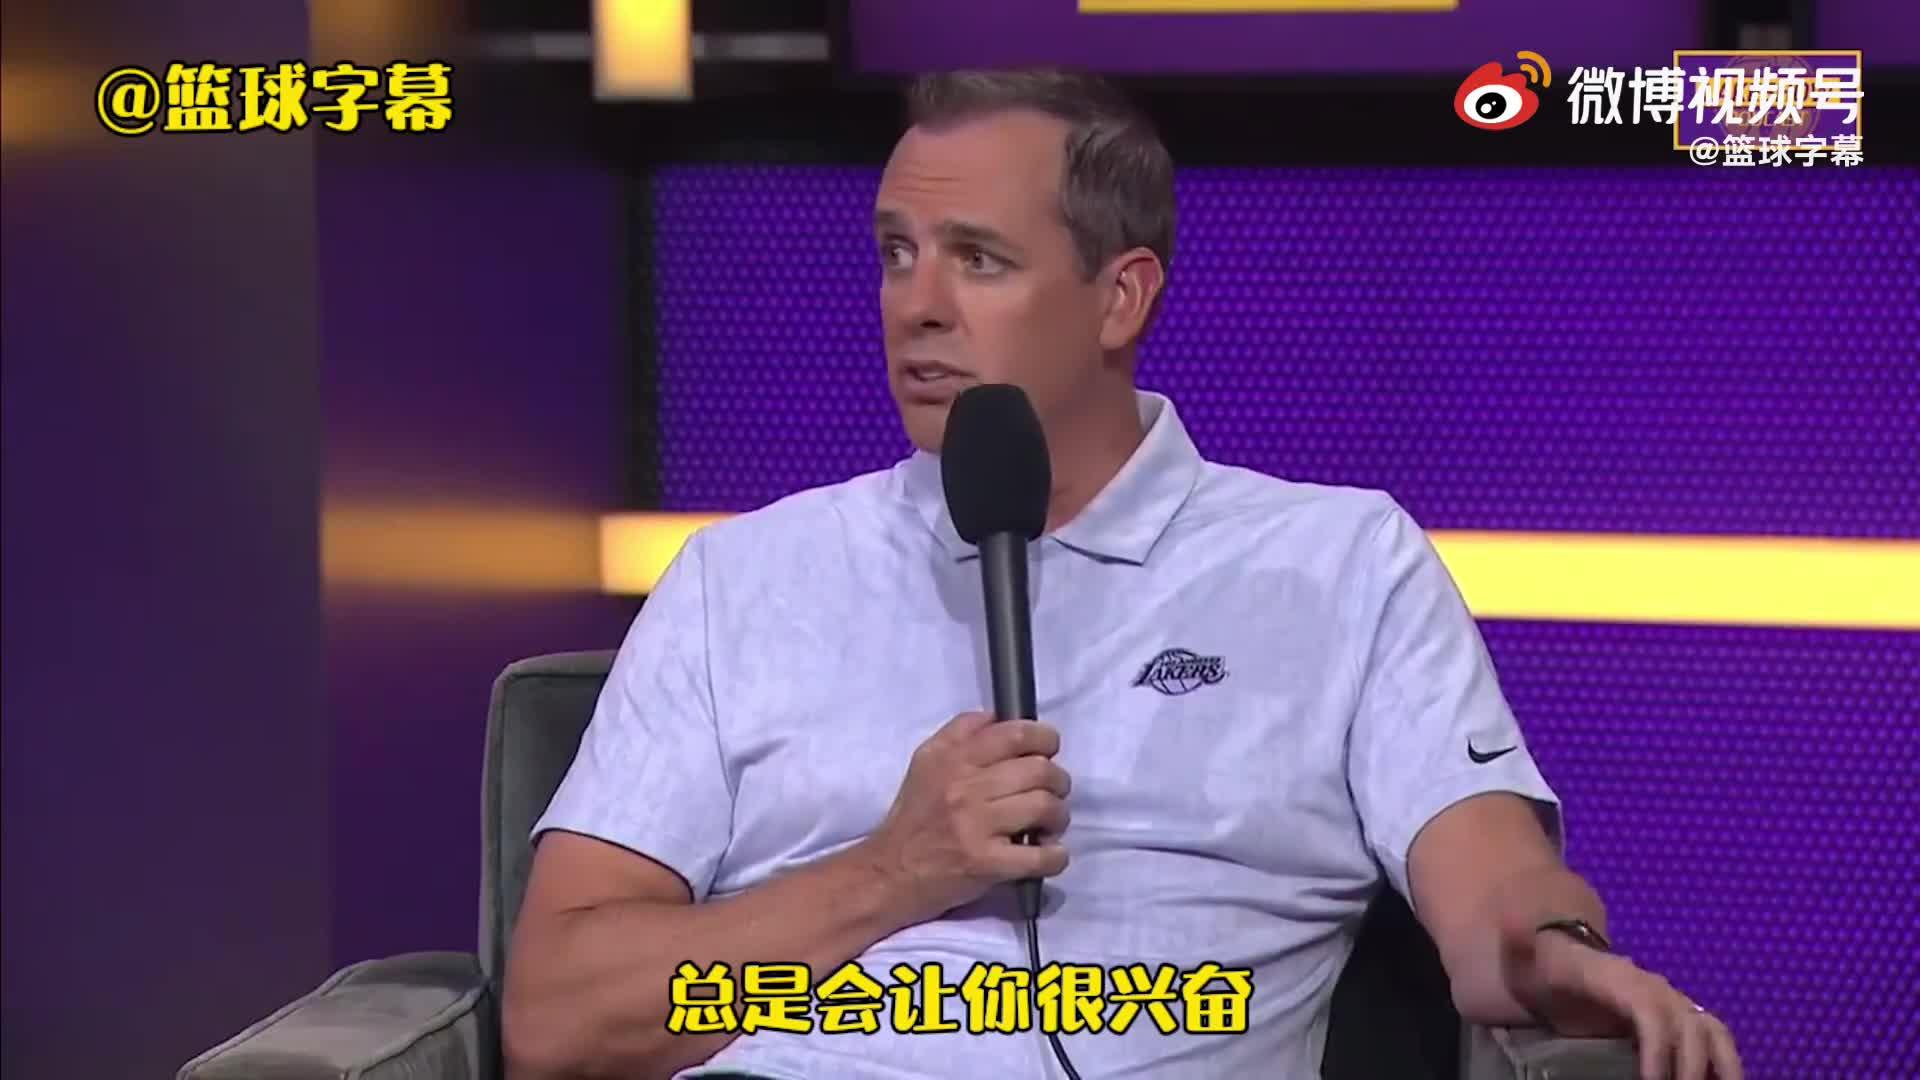 沃格尔:威少是终极竞争者 他唯一还未达成的就是冠军